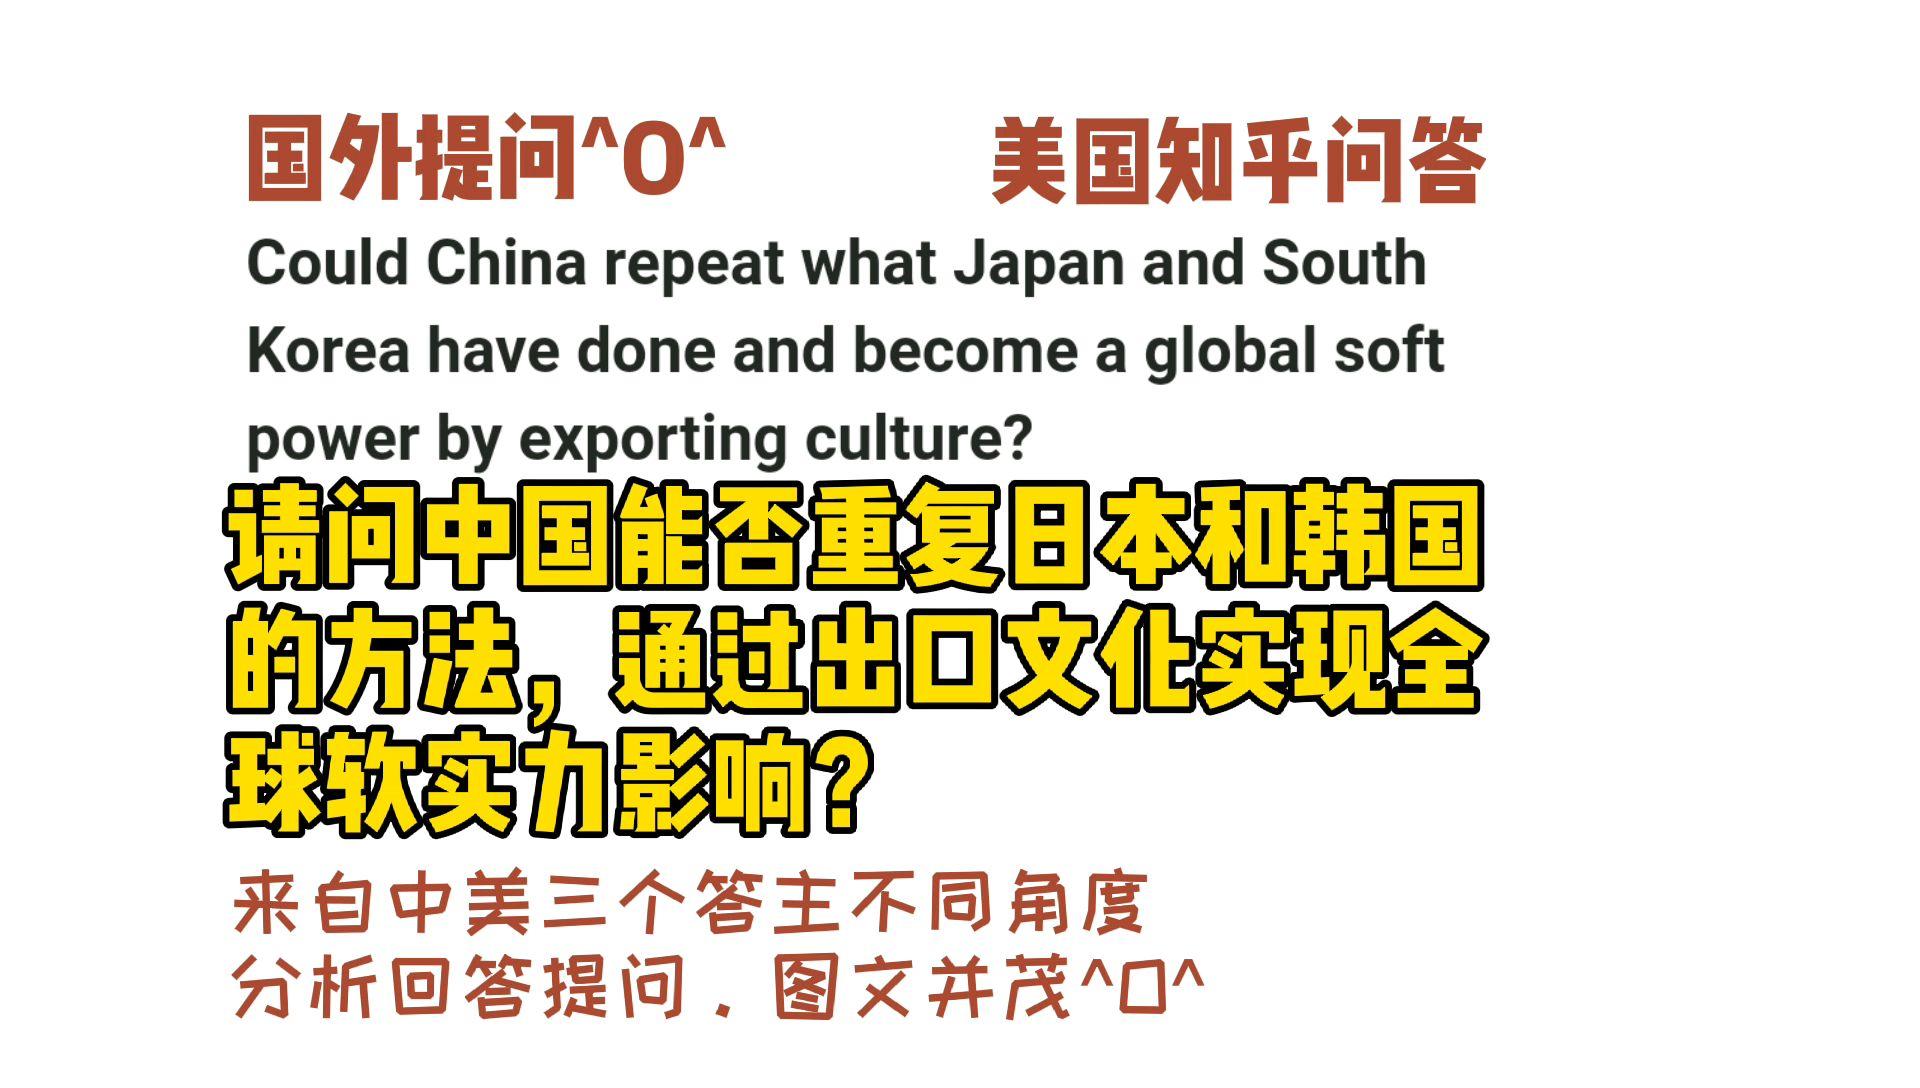 美国知乎,请问中国能否重复日本和韩国的方法,通过出口文化实现全球影响力?来自中美三个答主不同角度分析